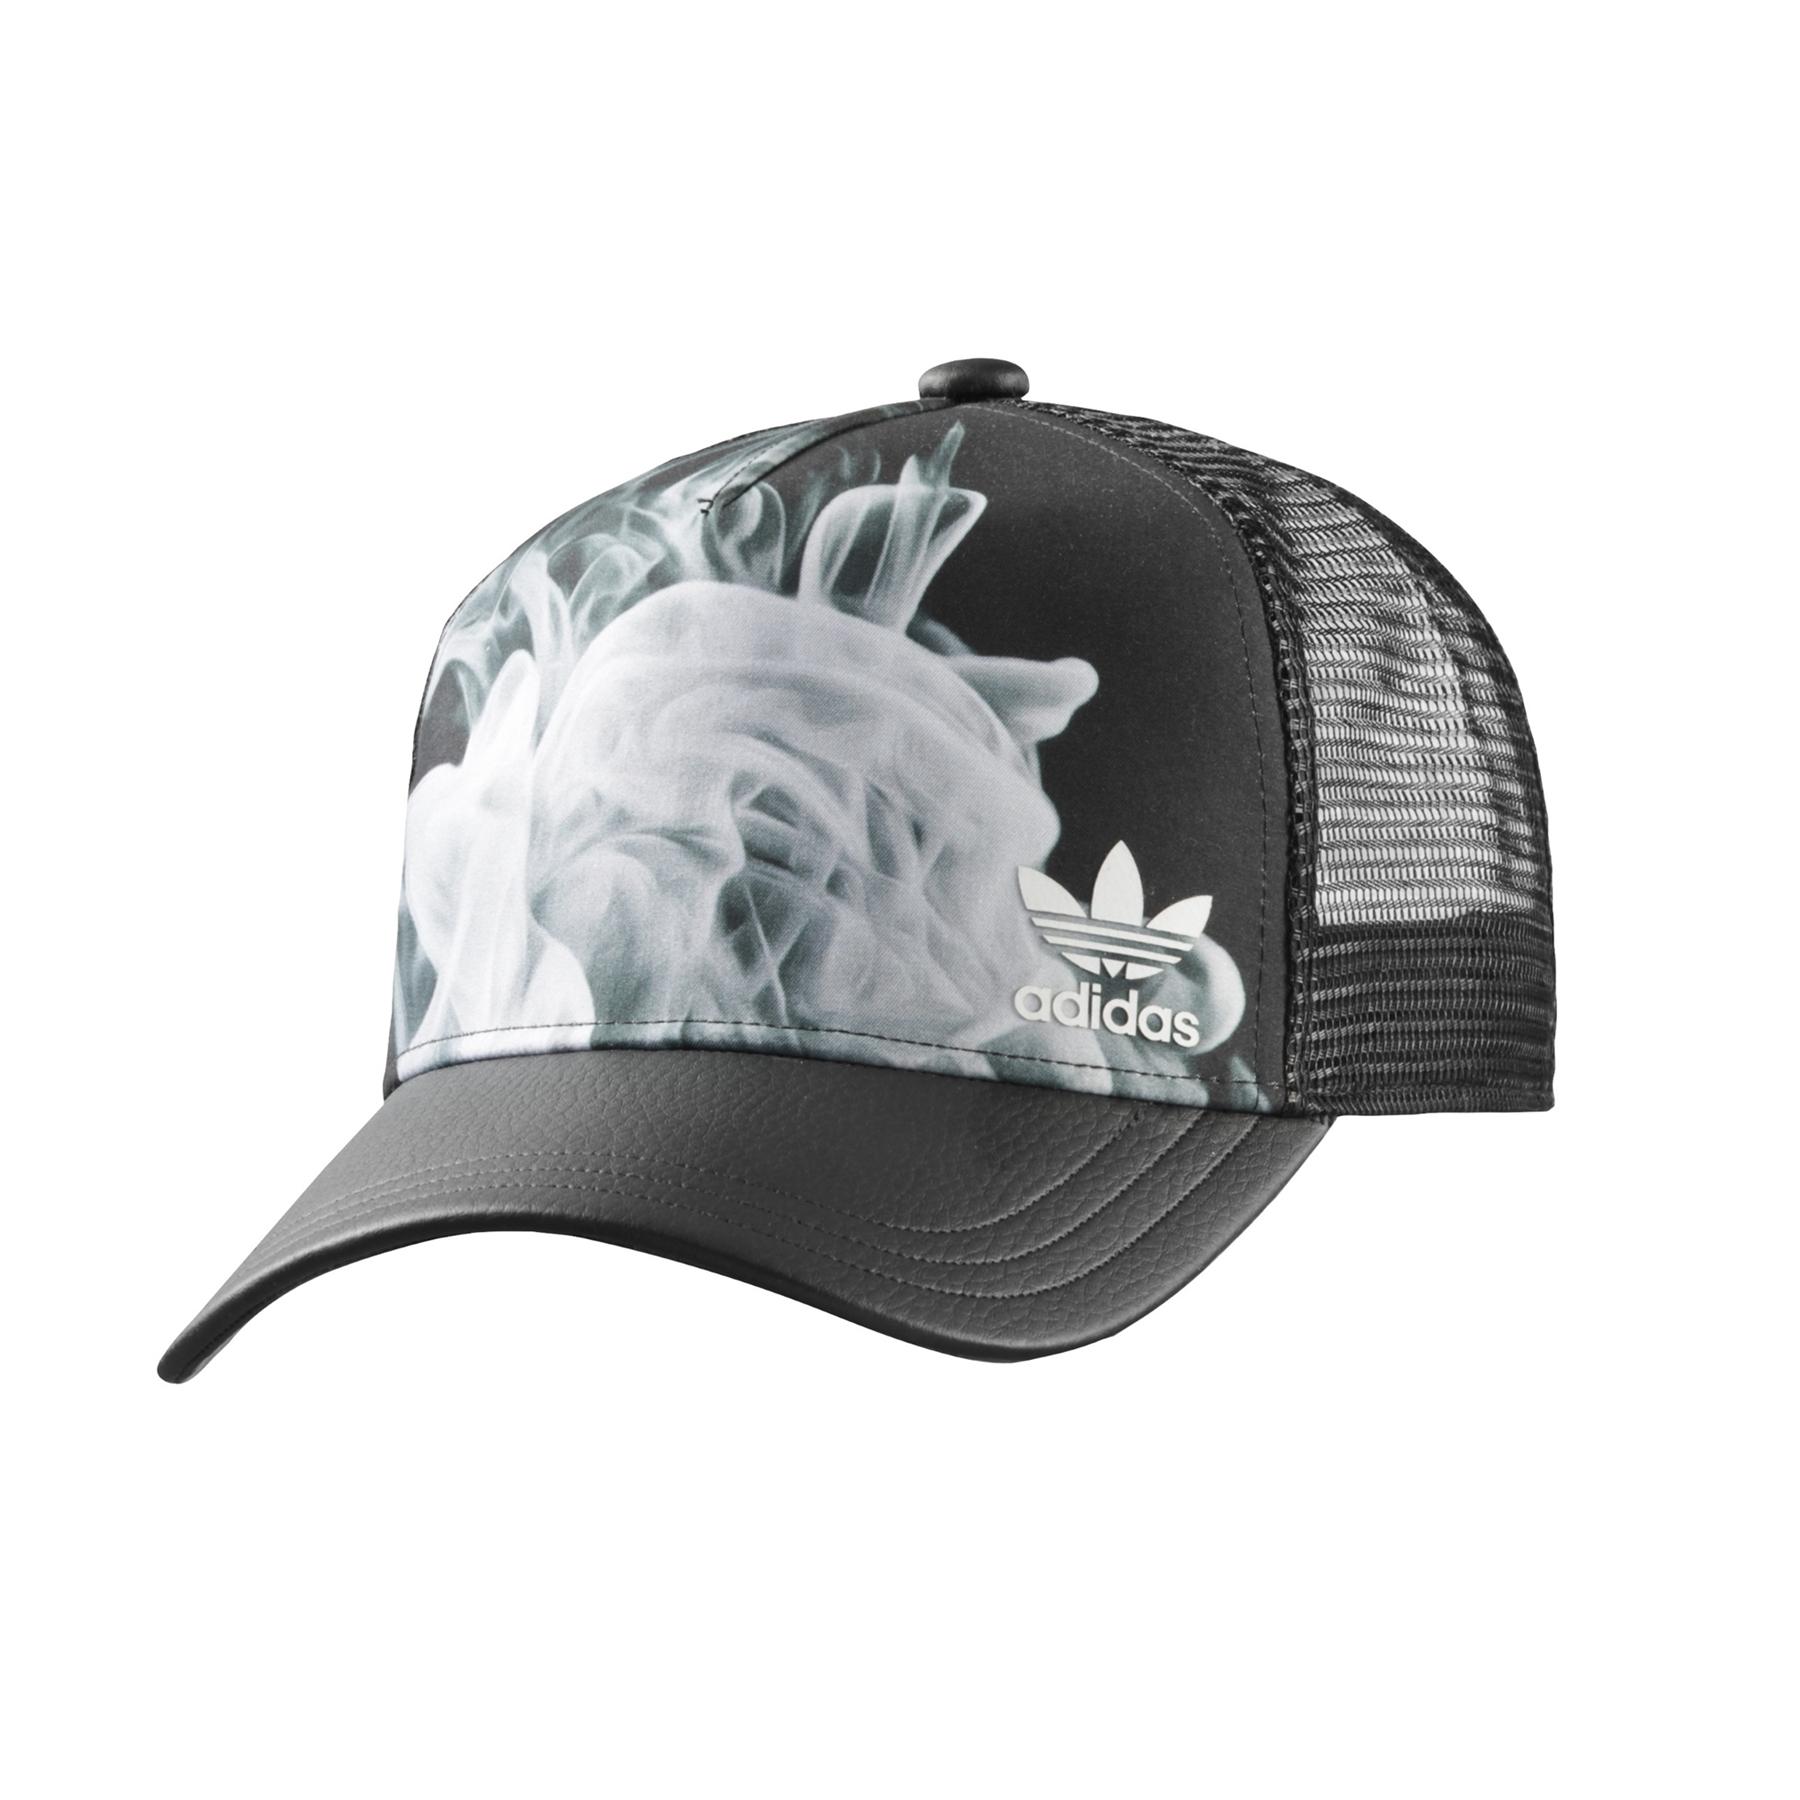 Adidas Originals Gorra White Smoke Trucker Rita Ora (negro blanco) 0c47336e60f